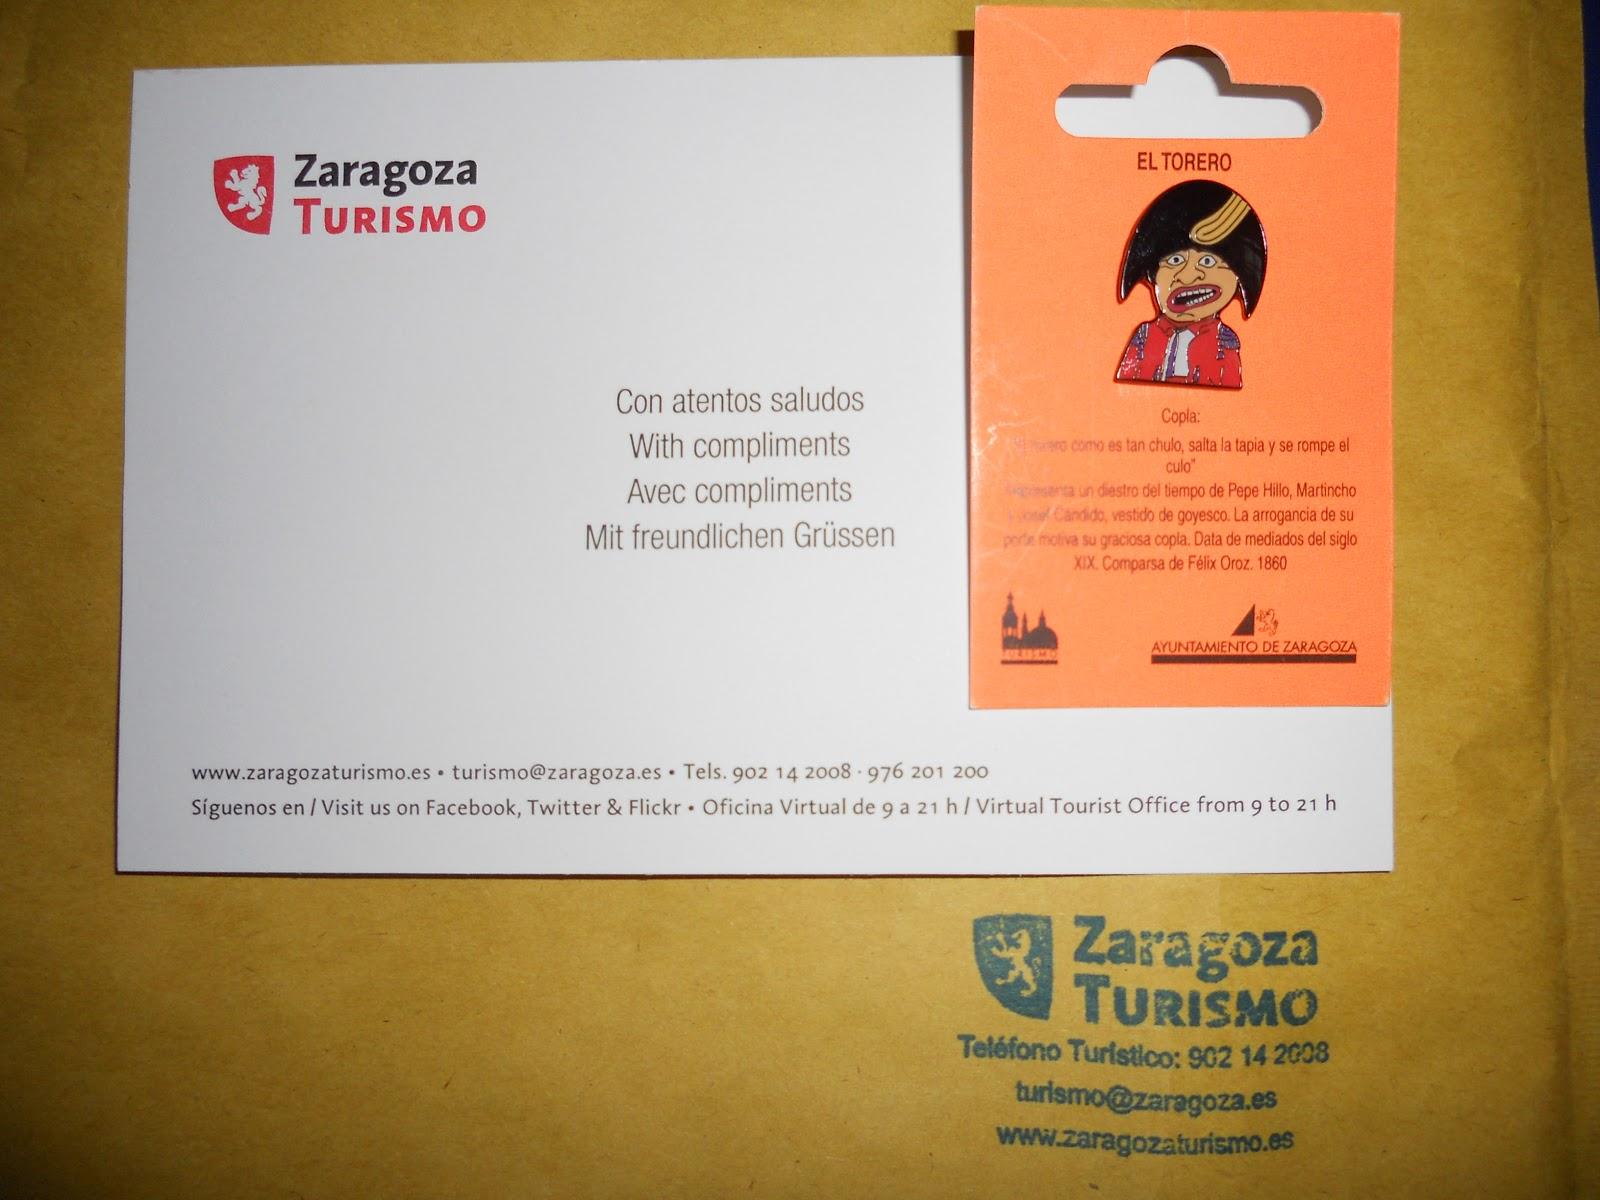 Pinspalomo pueblos de zaragoza arag n for Zaragoza oficina de turismo